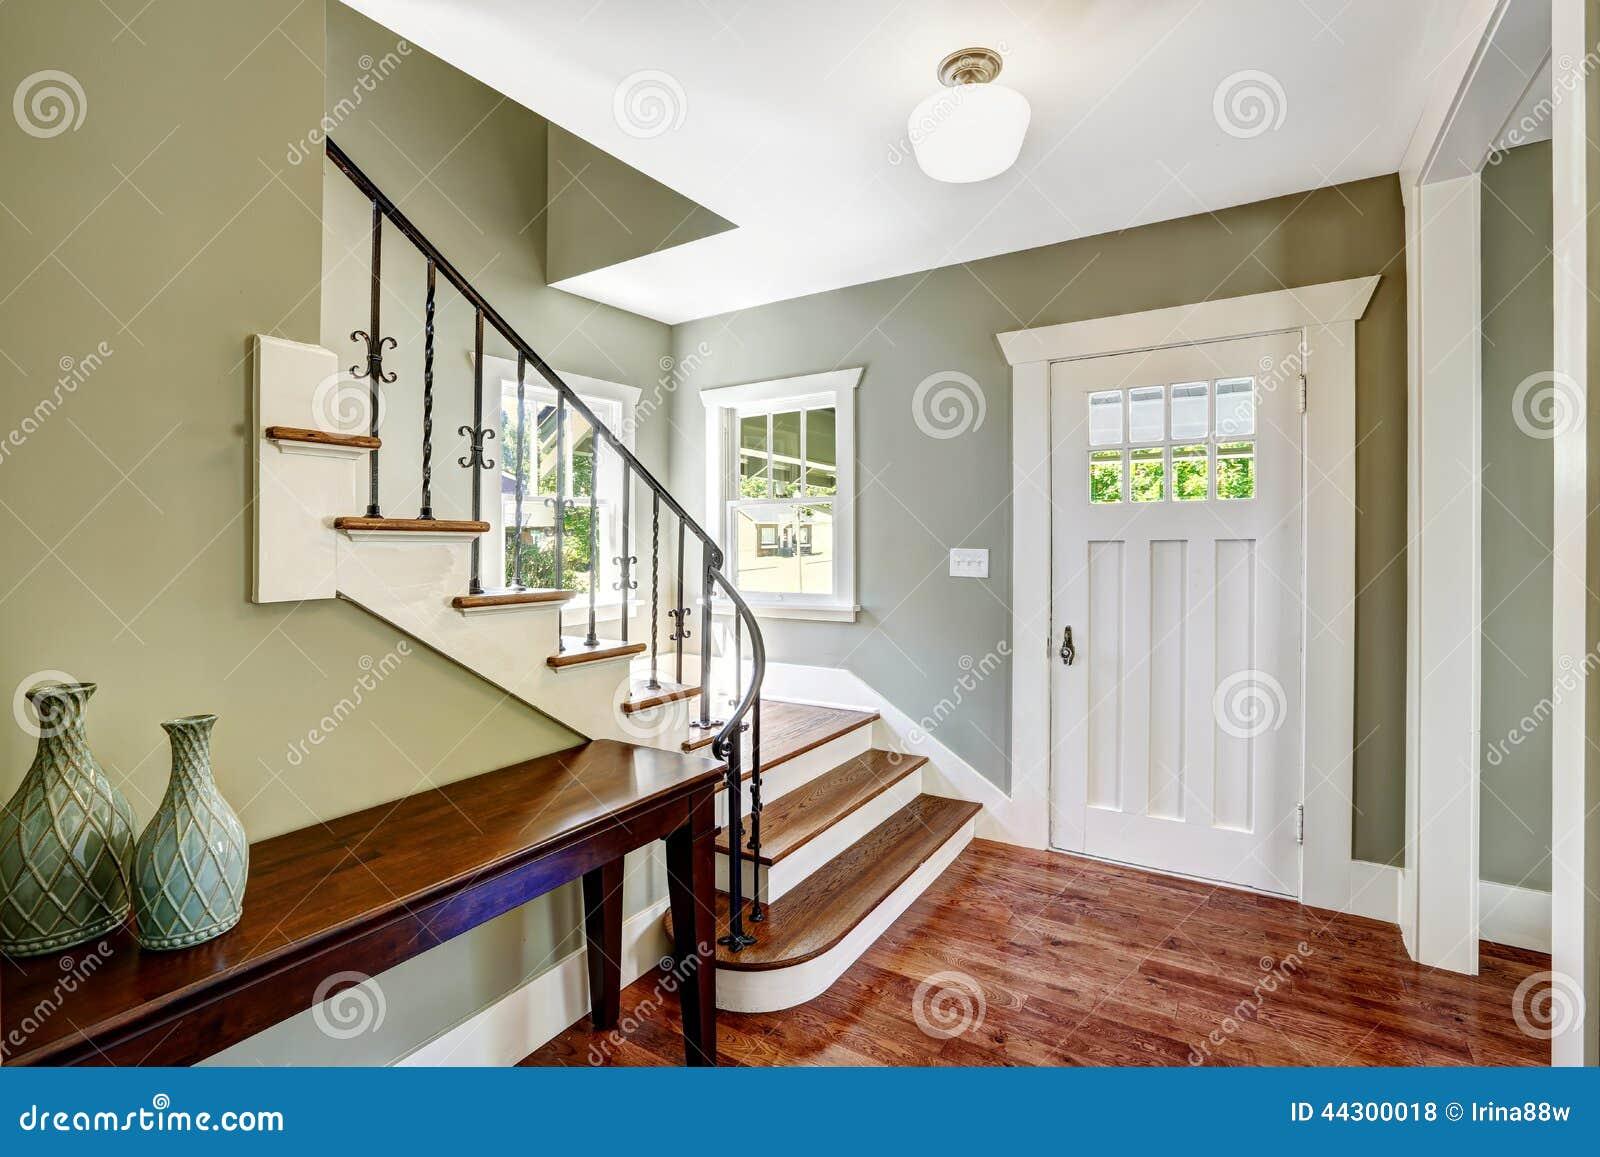 couloir d 39 entr e avec l 39 escalier photo stock image du plafond aqua 44300018. Black Bedroom Furniture Sets. Home Design Ideas